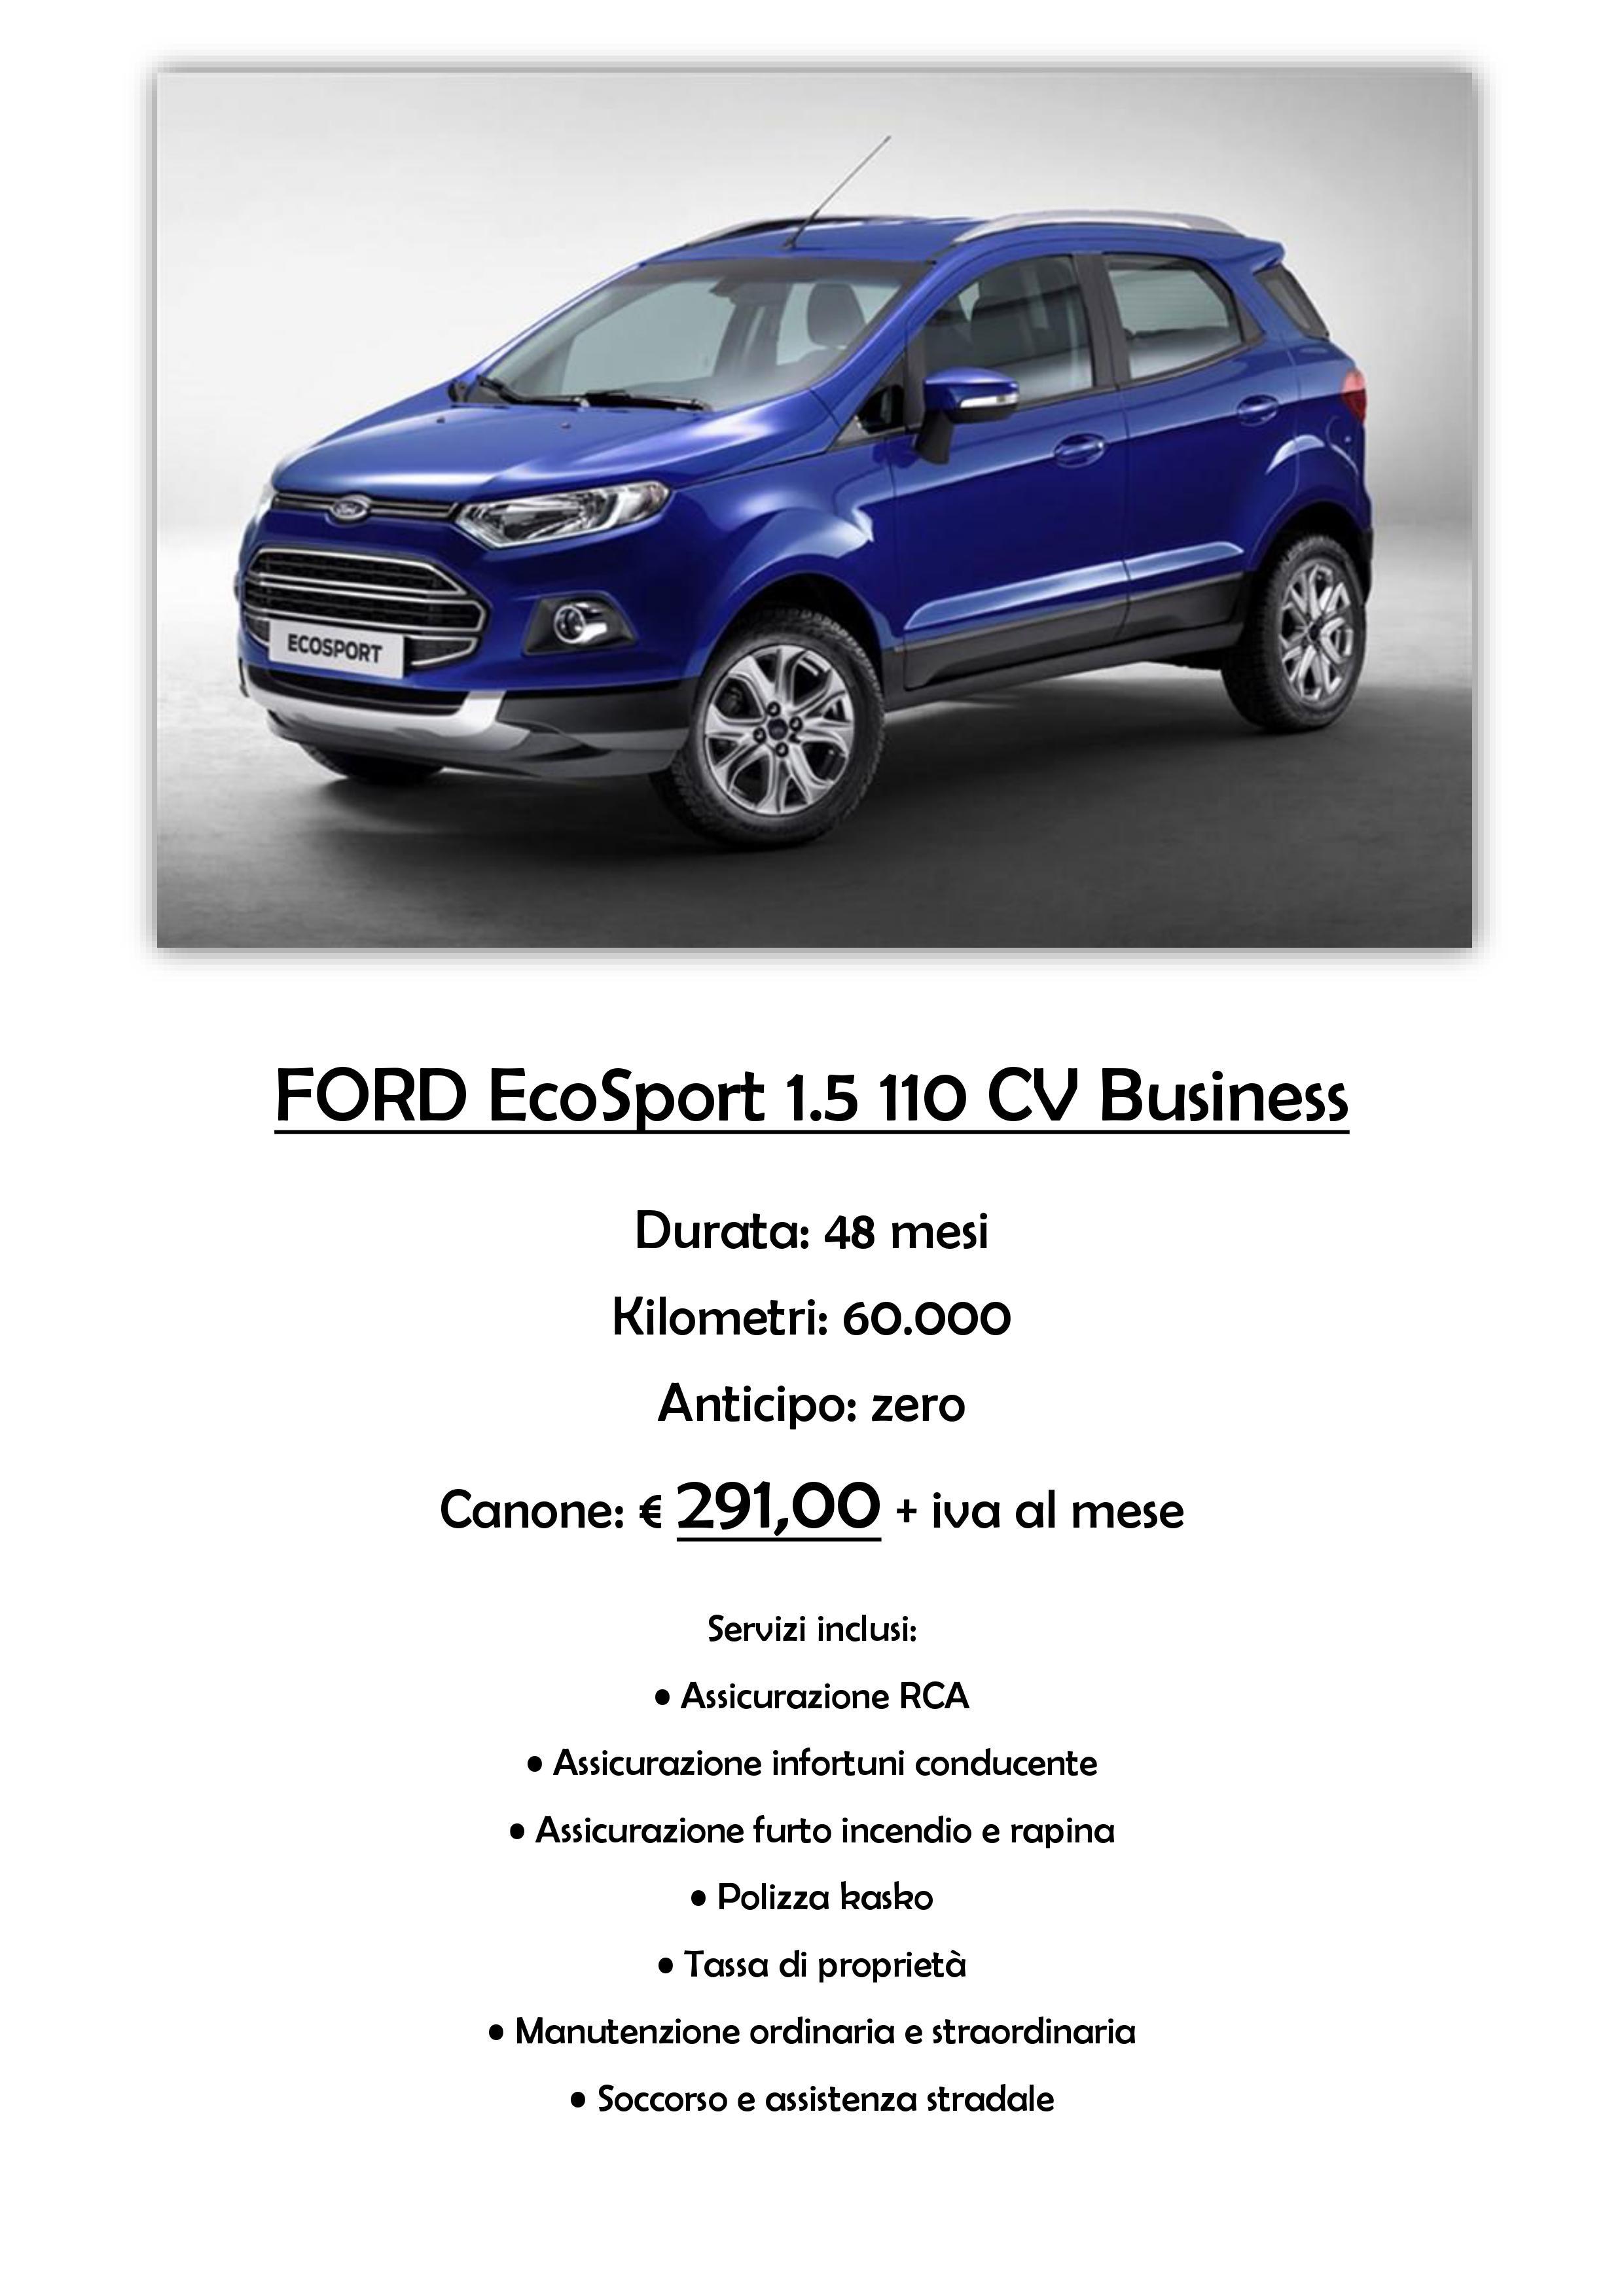 Promozione Ford Ecosport